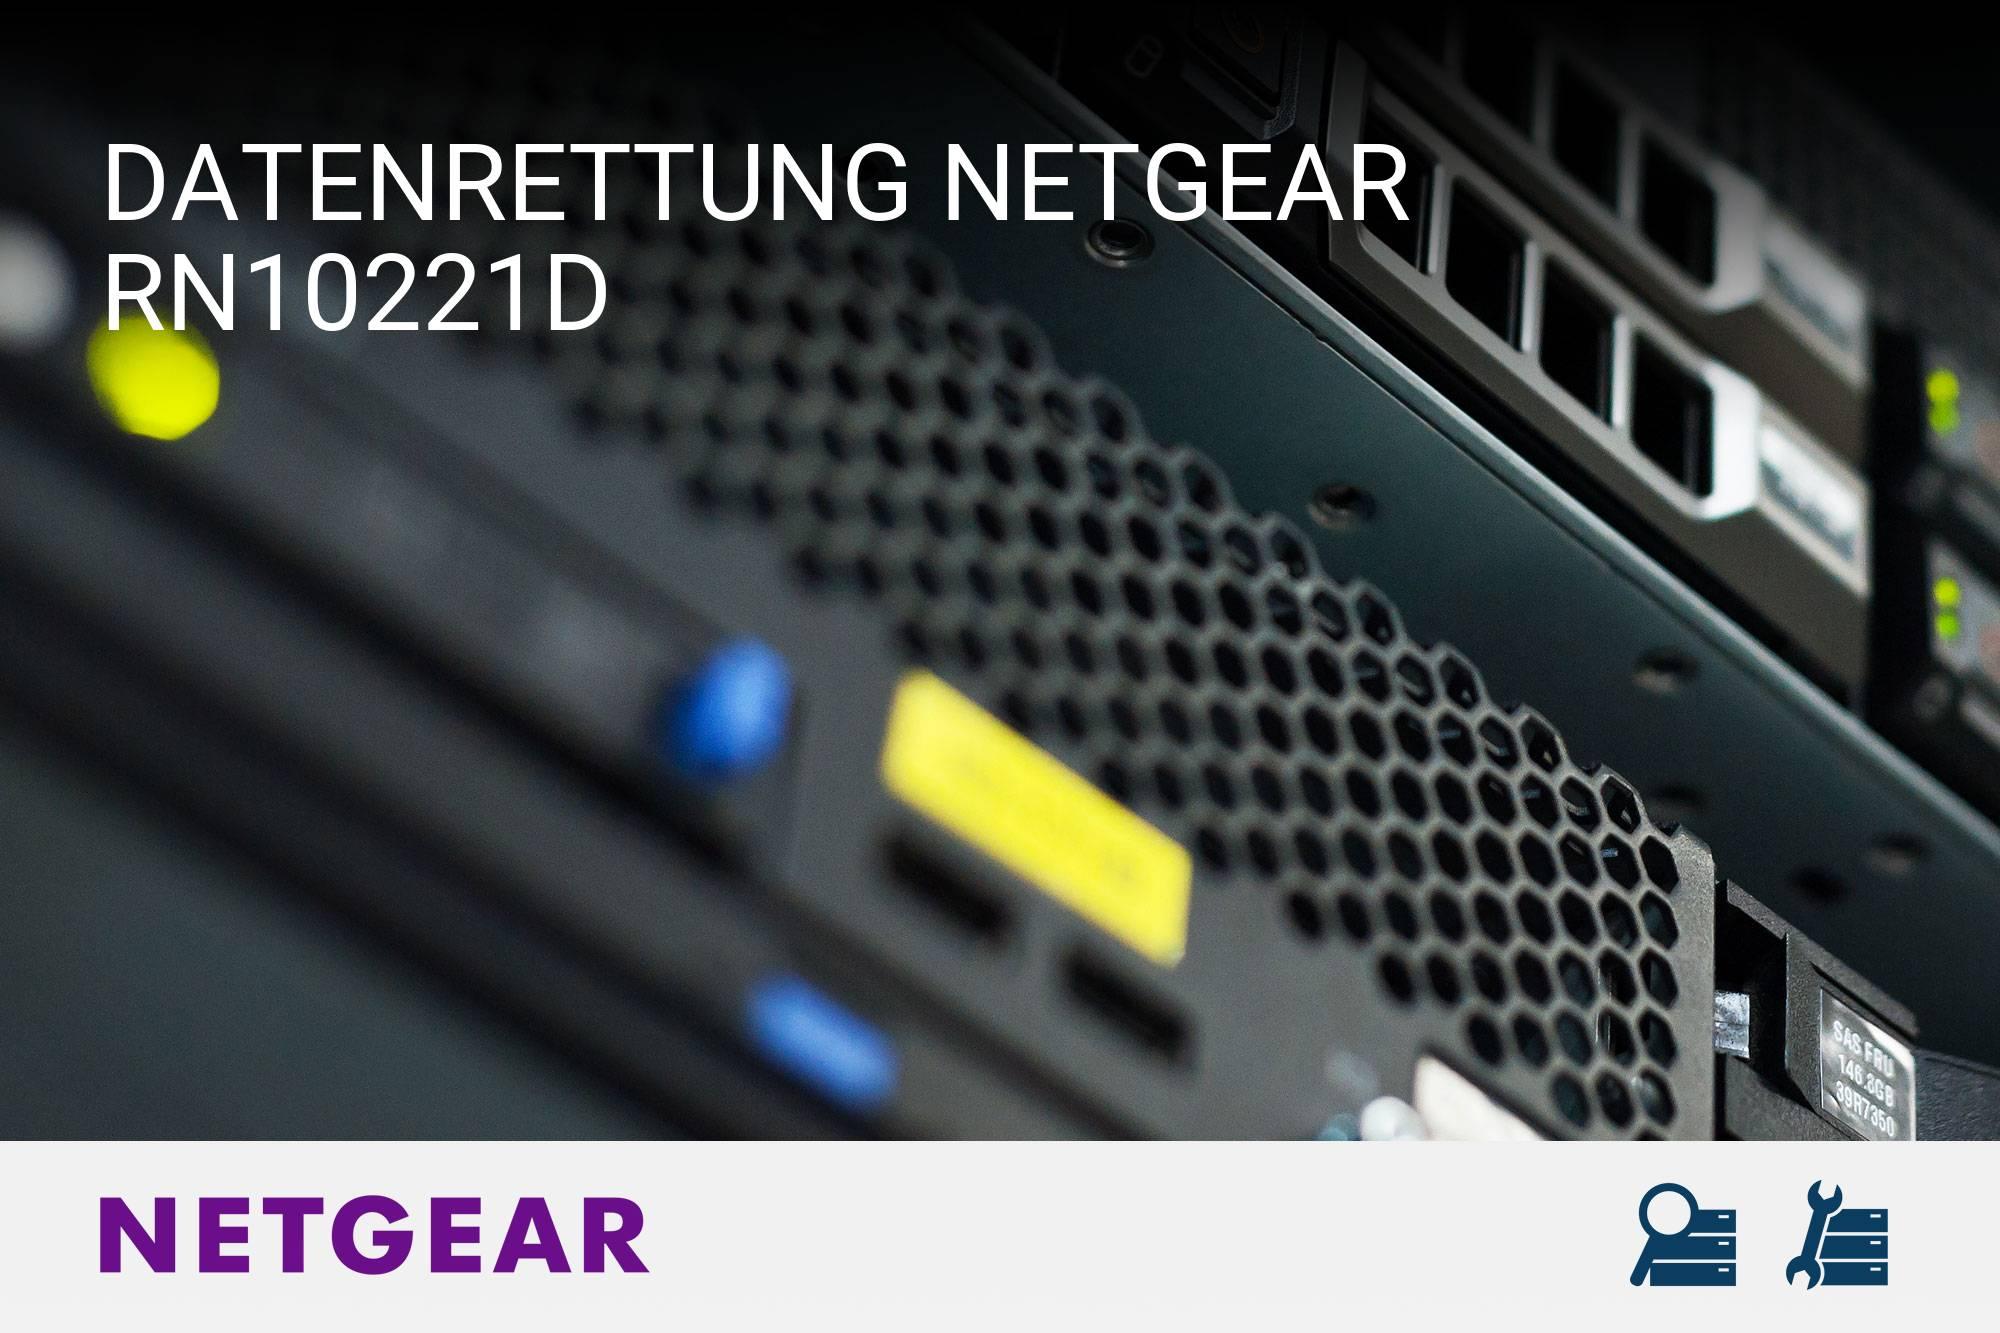 Netgear RN10221D